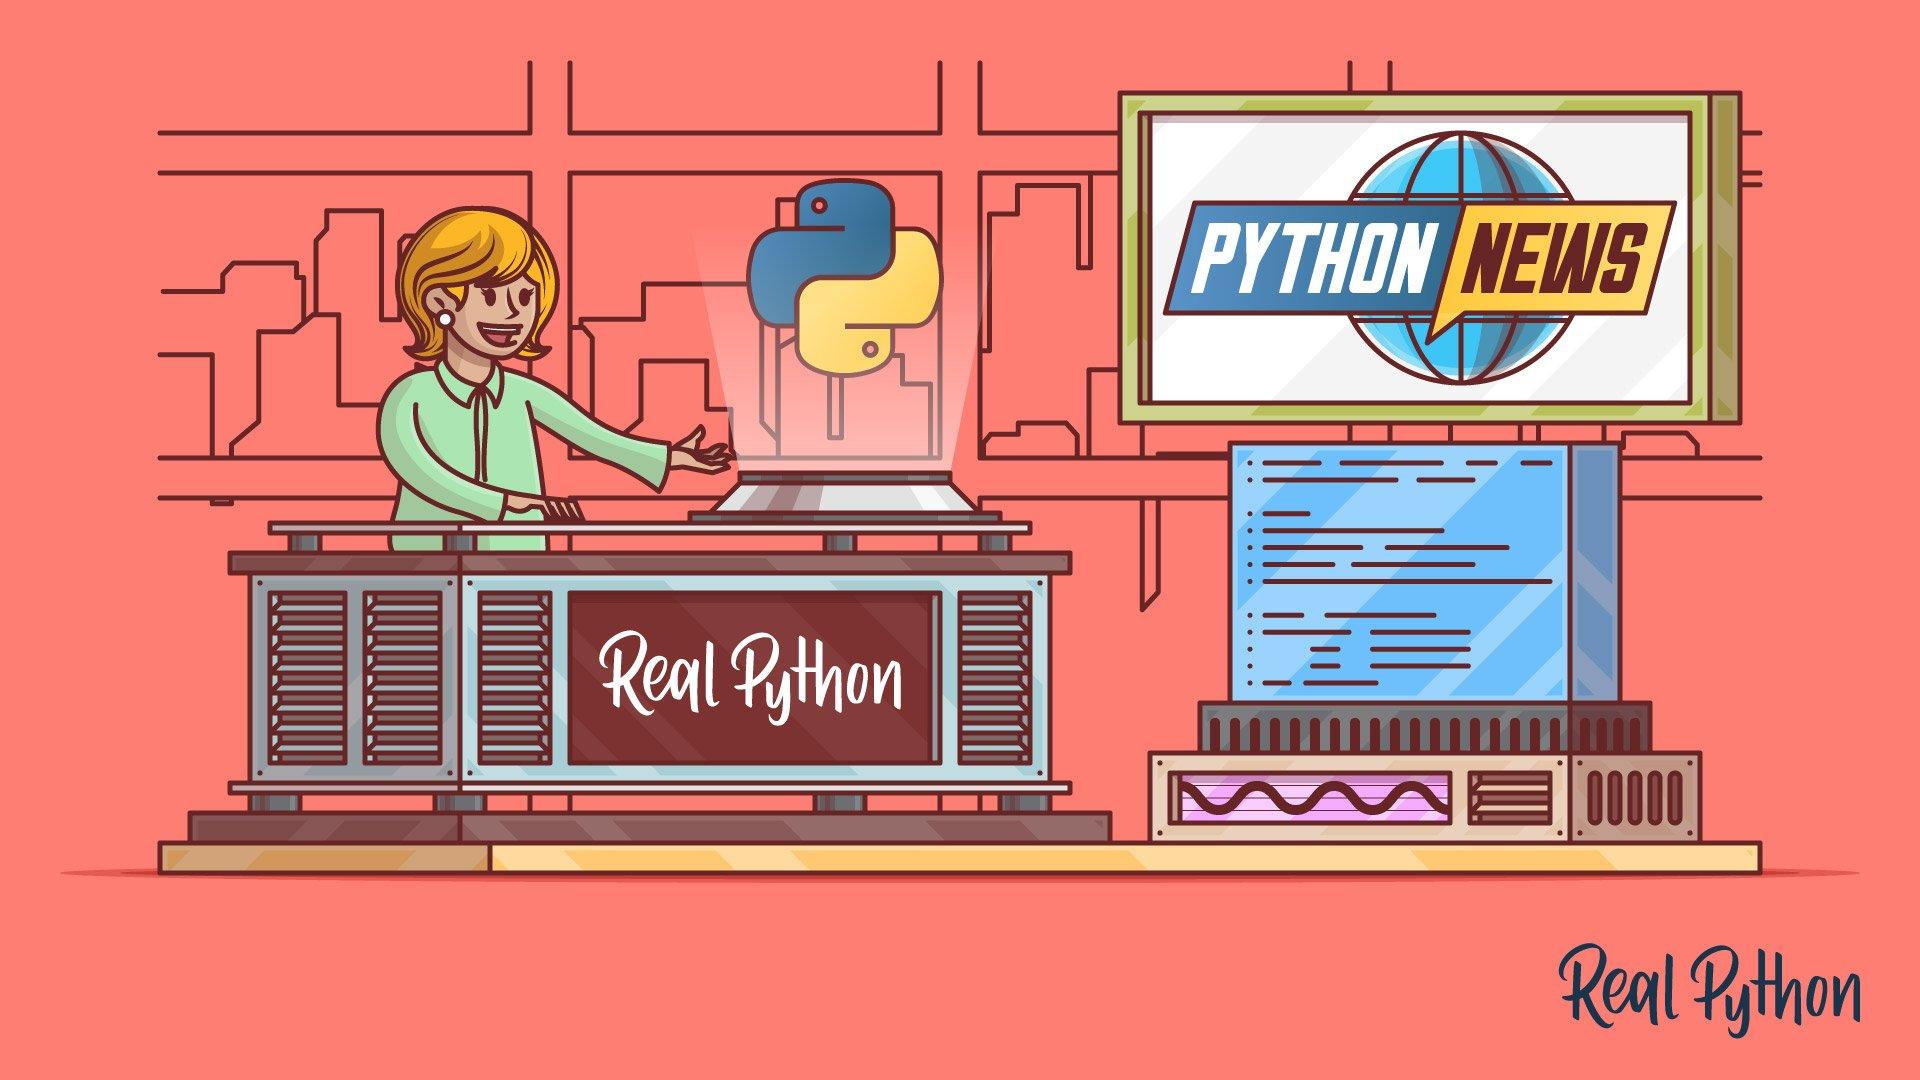 Python Monthly News